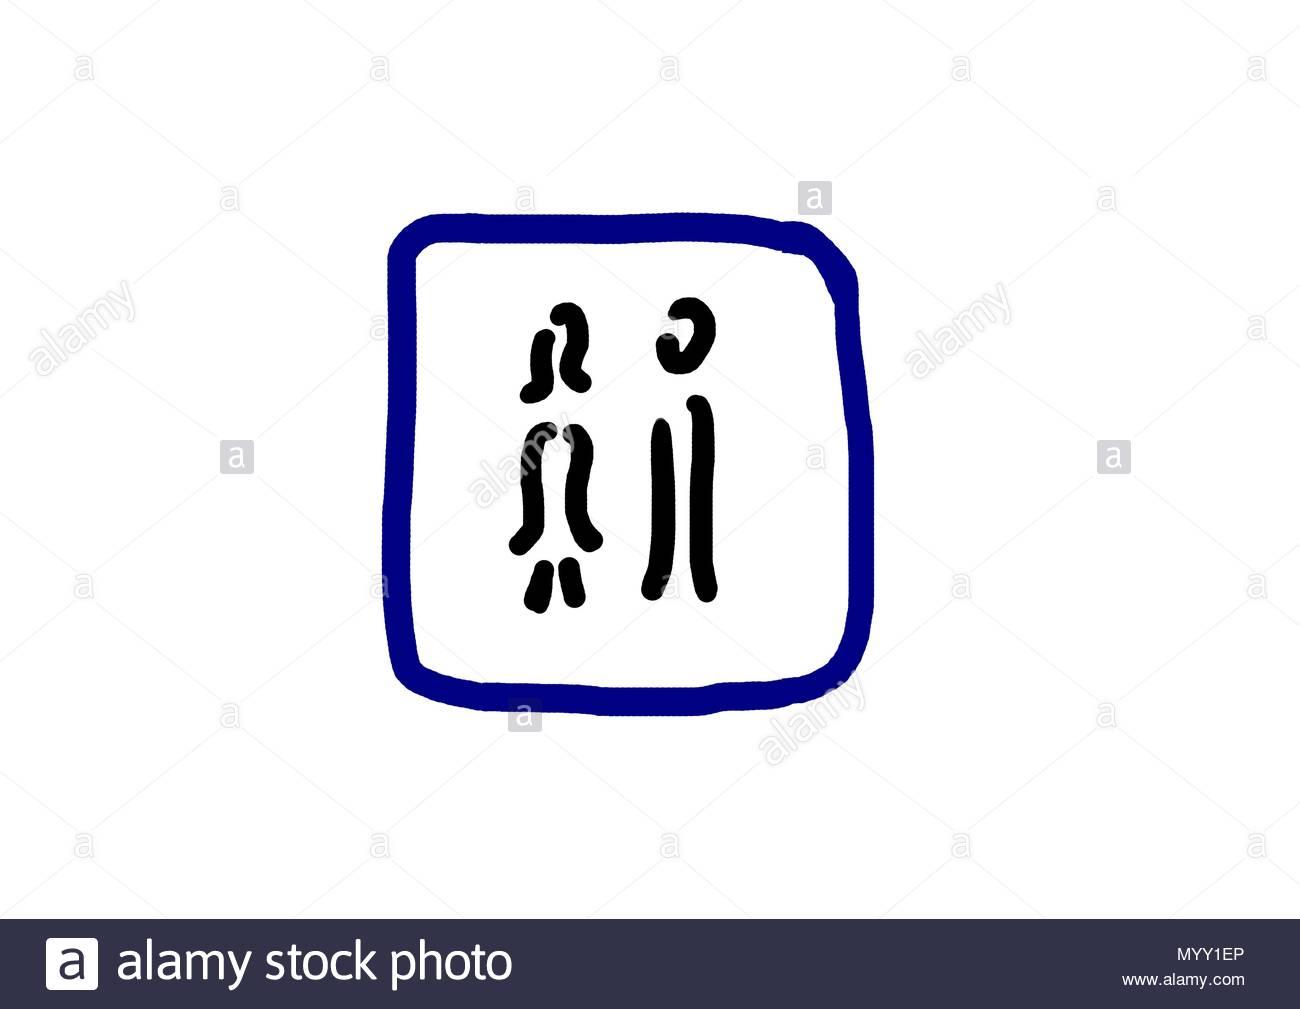 logo pictogram toilet Stock Photo: 189293294 - Alamy